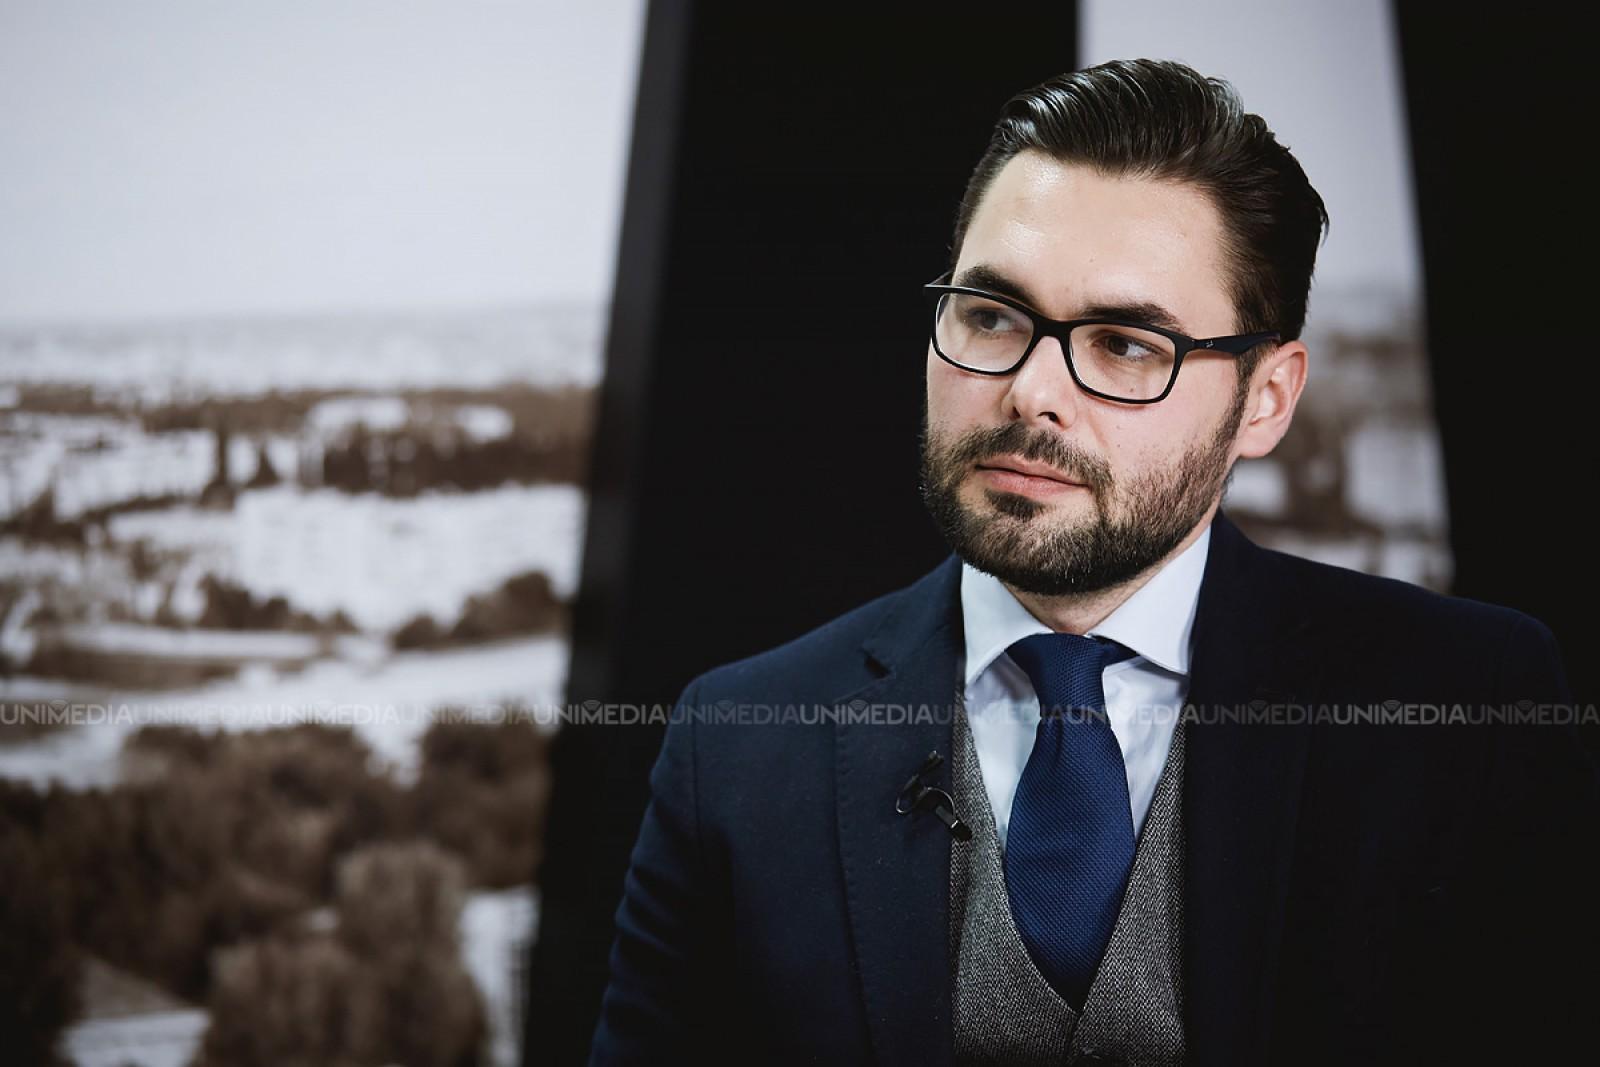 Expertul Iulian Groza: Raportul Comisiei Europene manifestă îngrijorări, dar nu este riscul ca cetățenii să își pierdă dreptul la libera circulație în UE